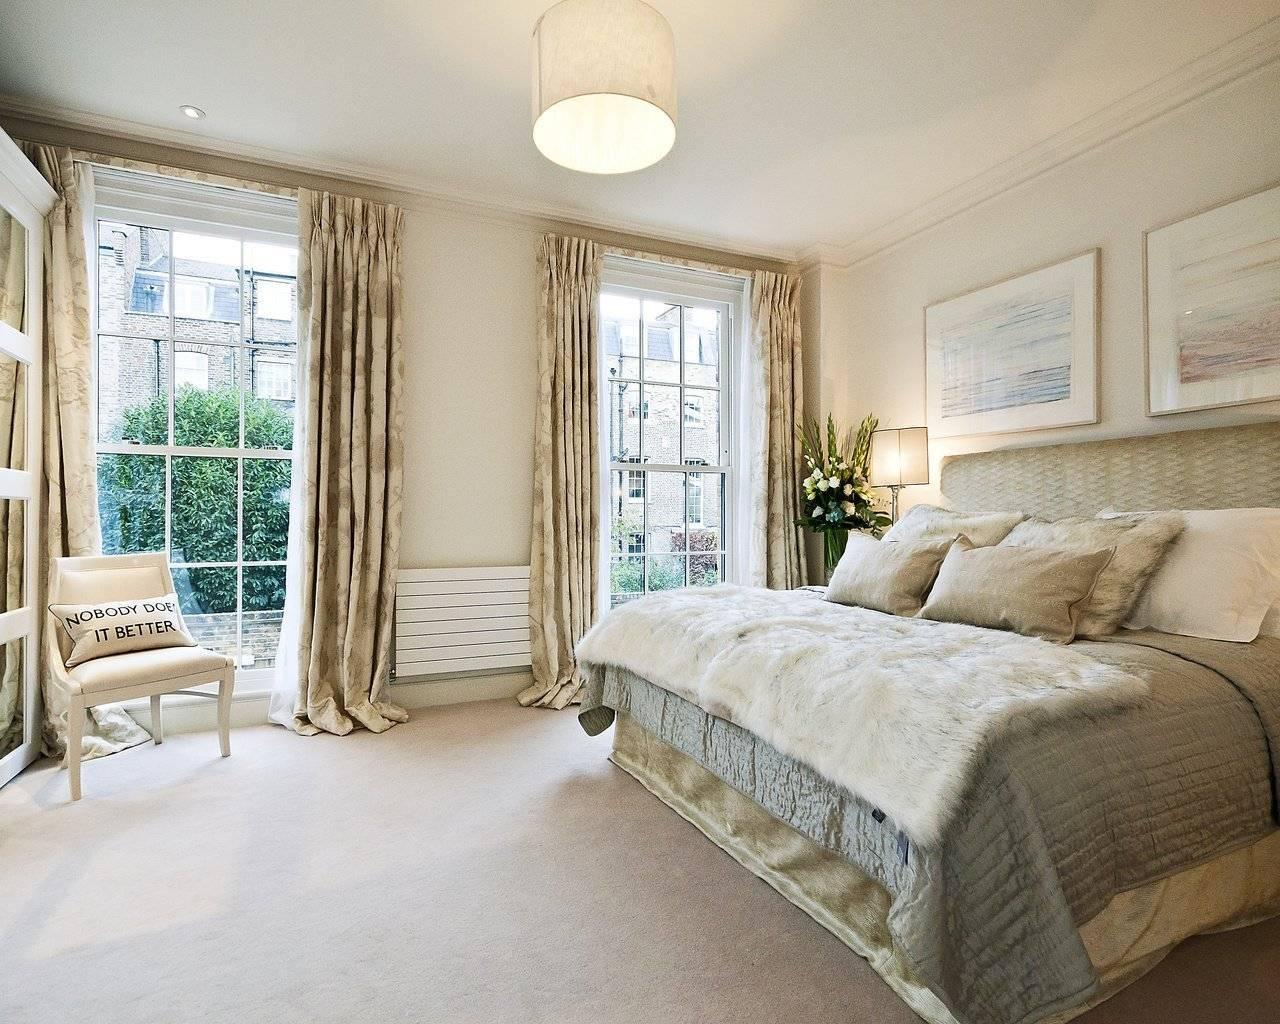 Спальня с панорамными окнами, фото примеров с видом на океан. спальня с панорамными окнами, фото примеров с видом на океан.